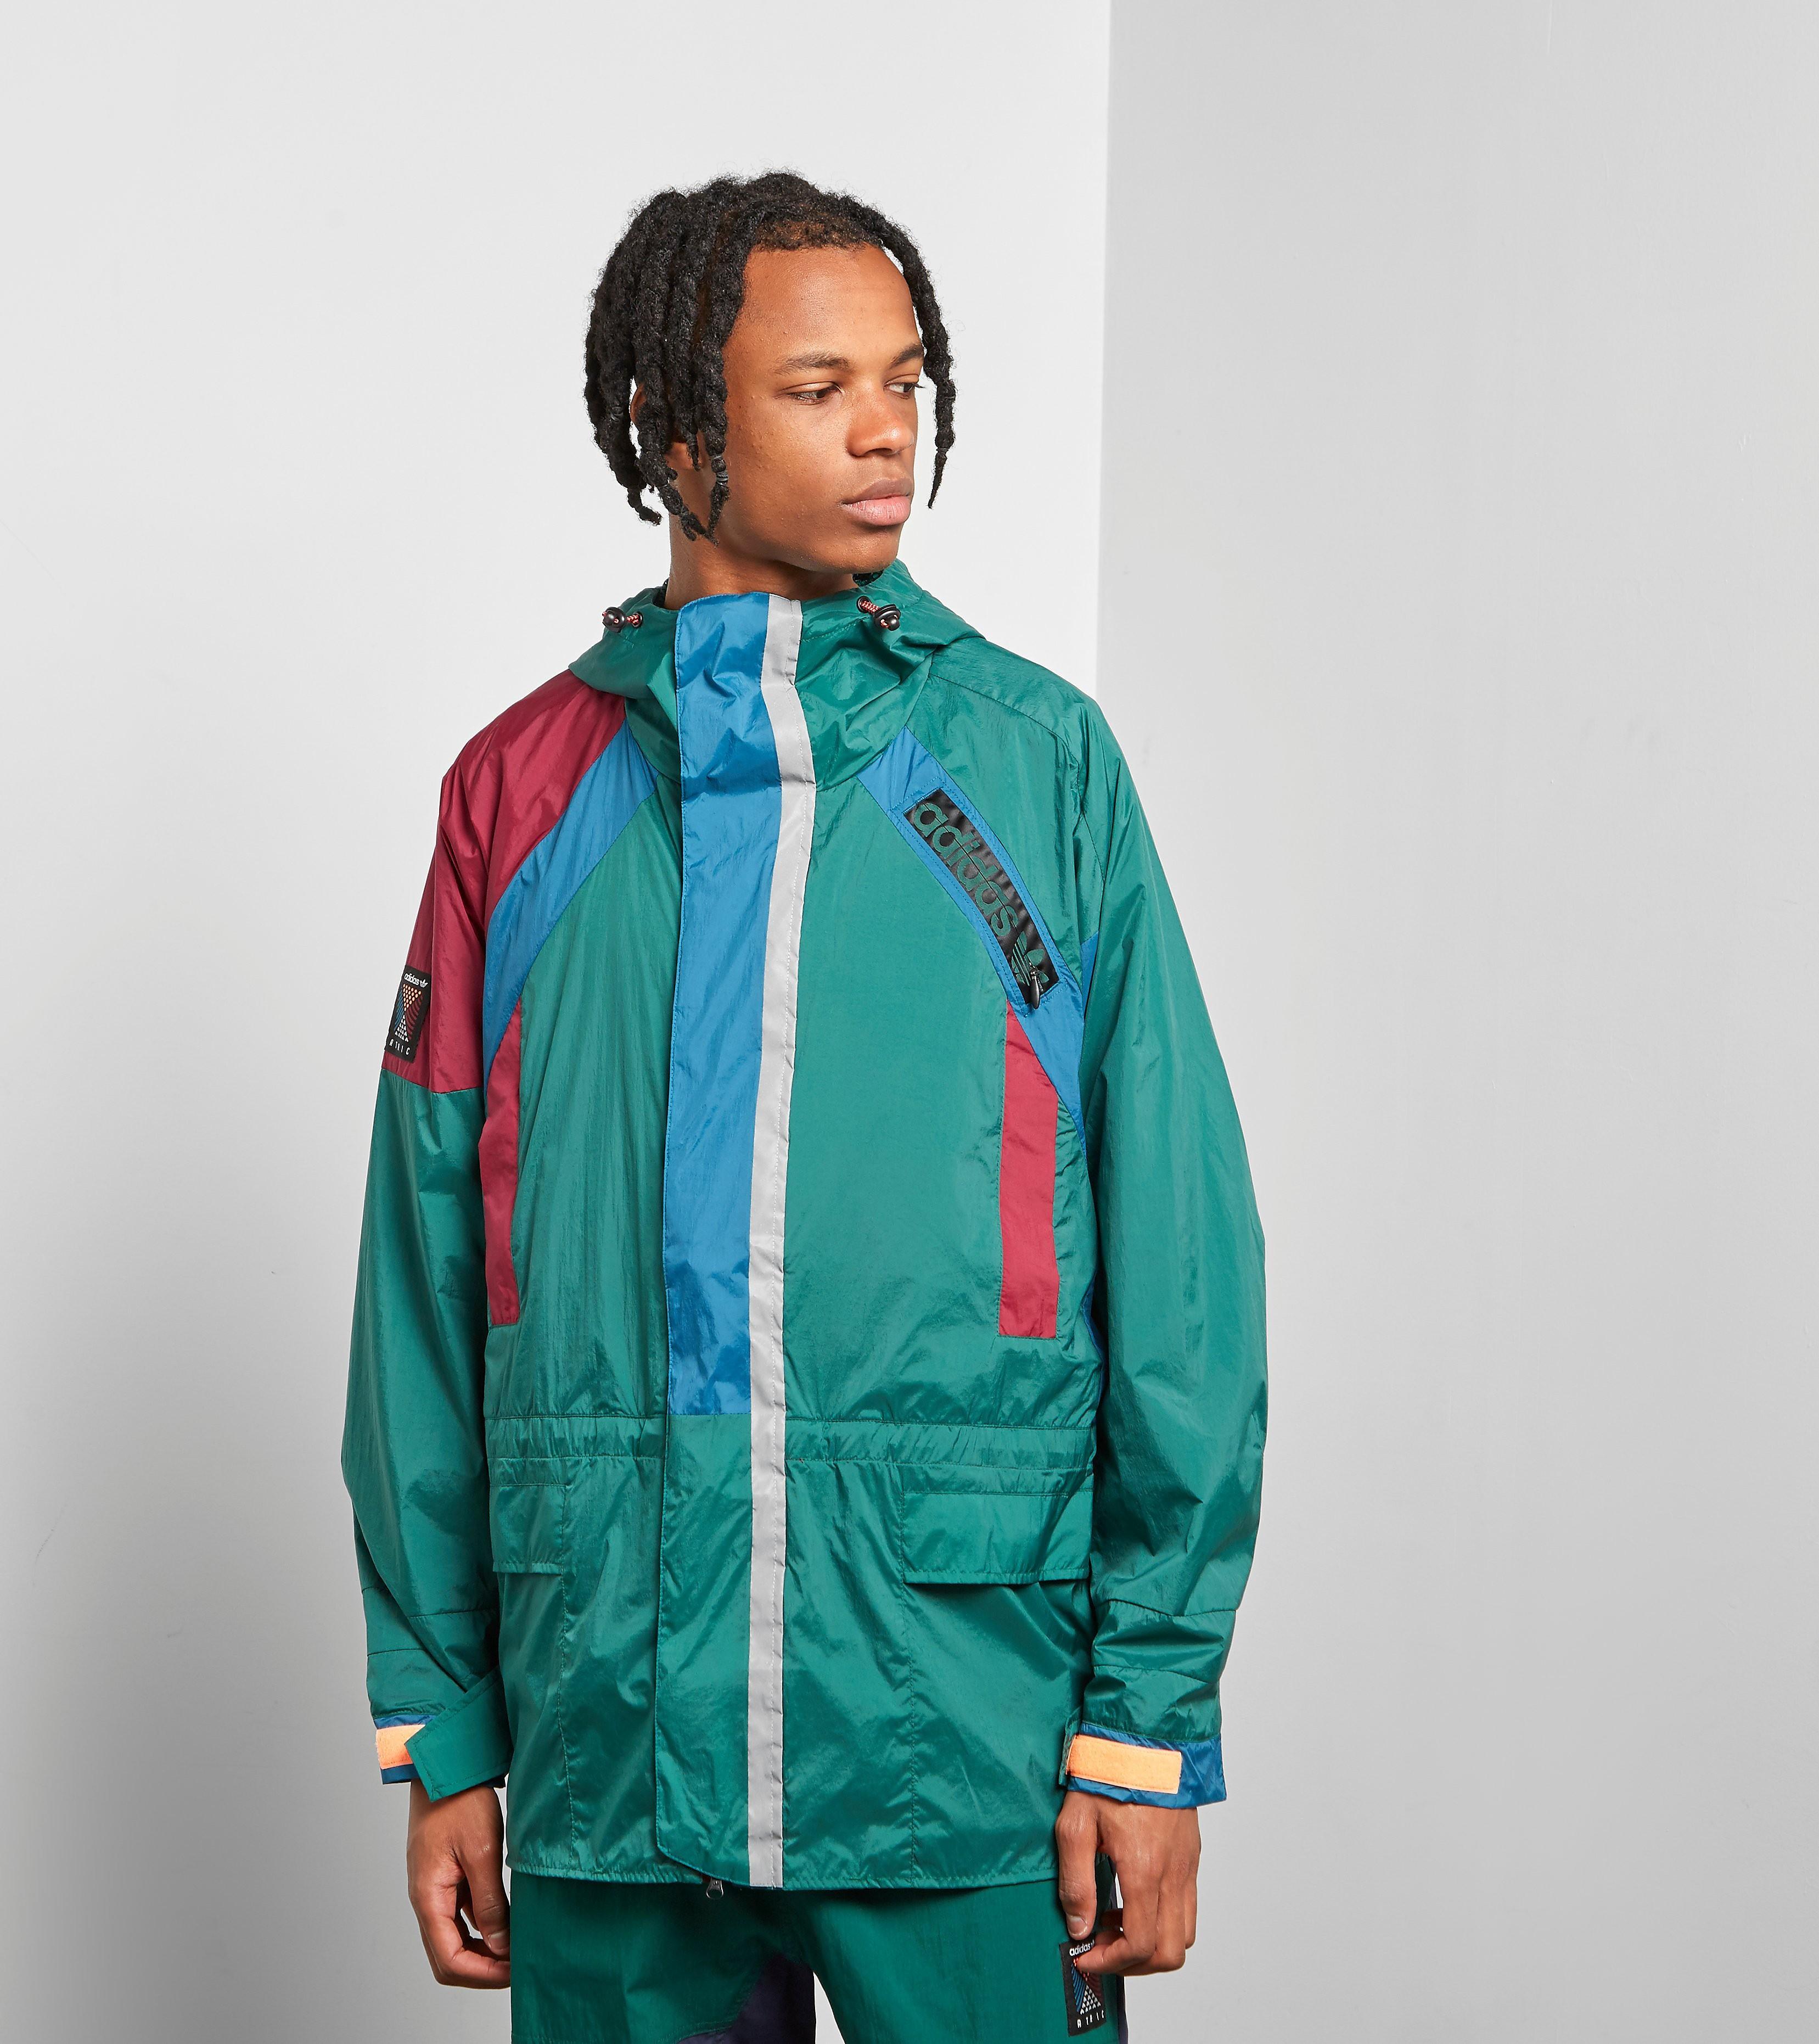 Lite Lyst De Verde Jacket Hombre Atric Color Adidas R3L4AScjq5